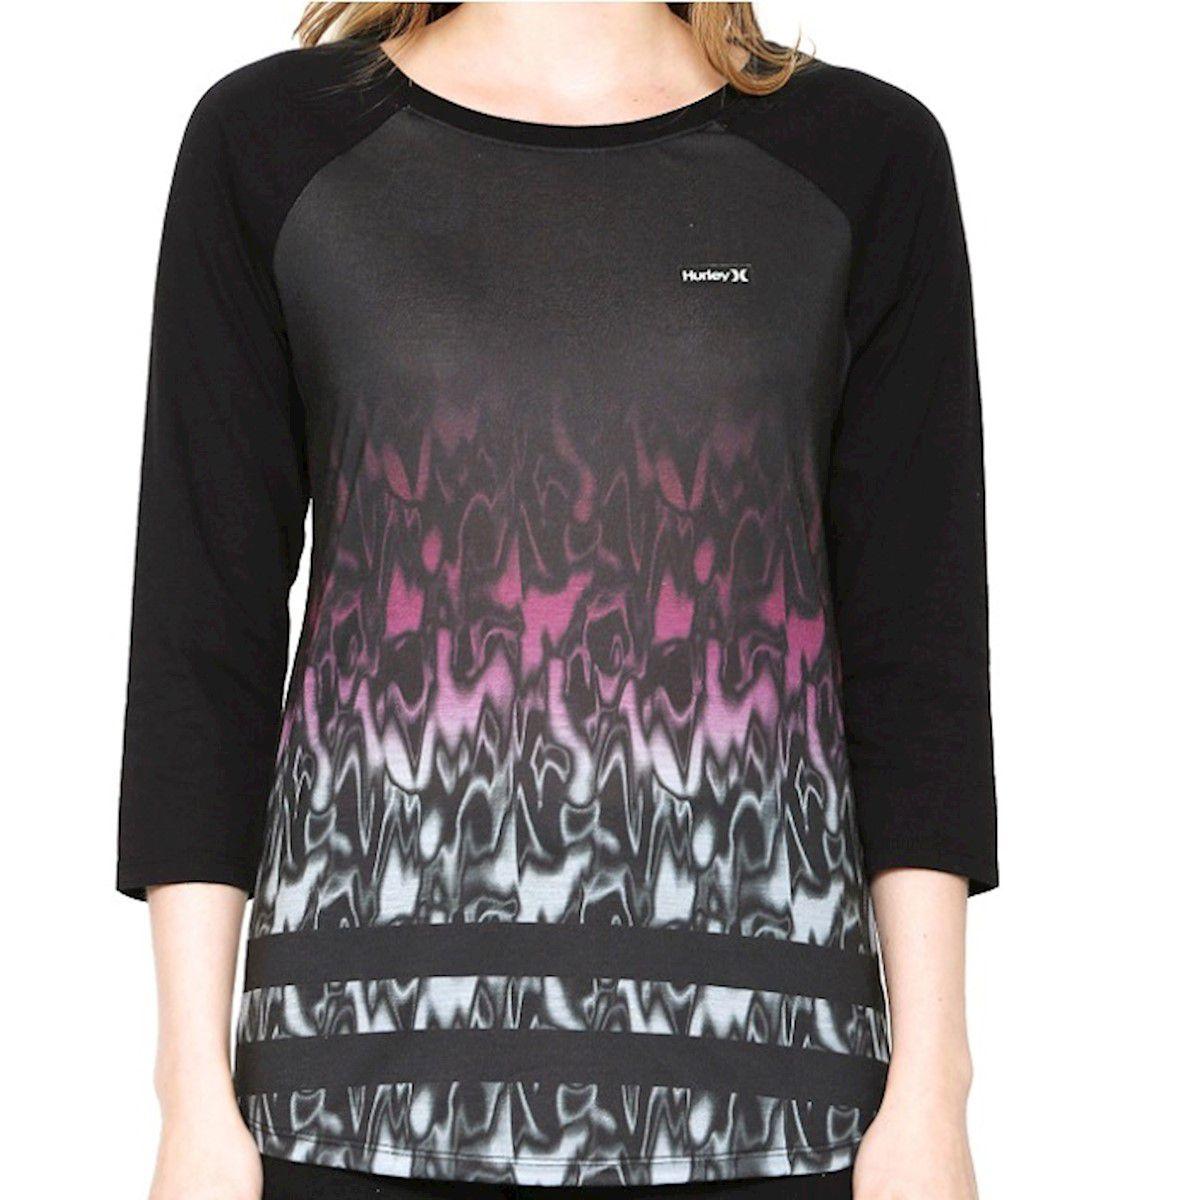 Camiseta Hurley Especial Reglan Waves Roxo